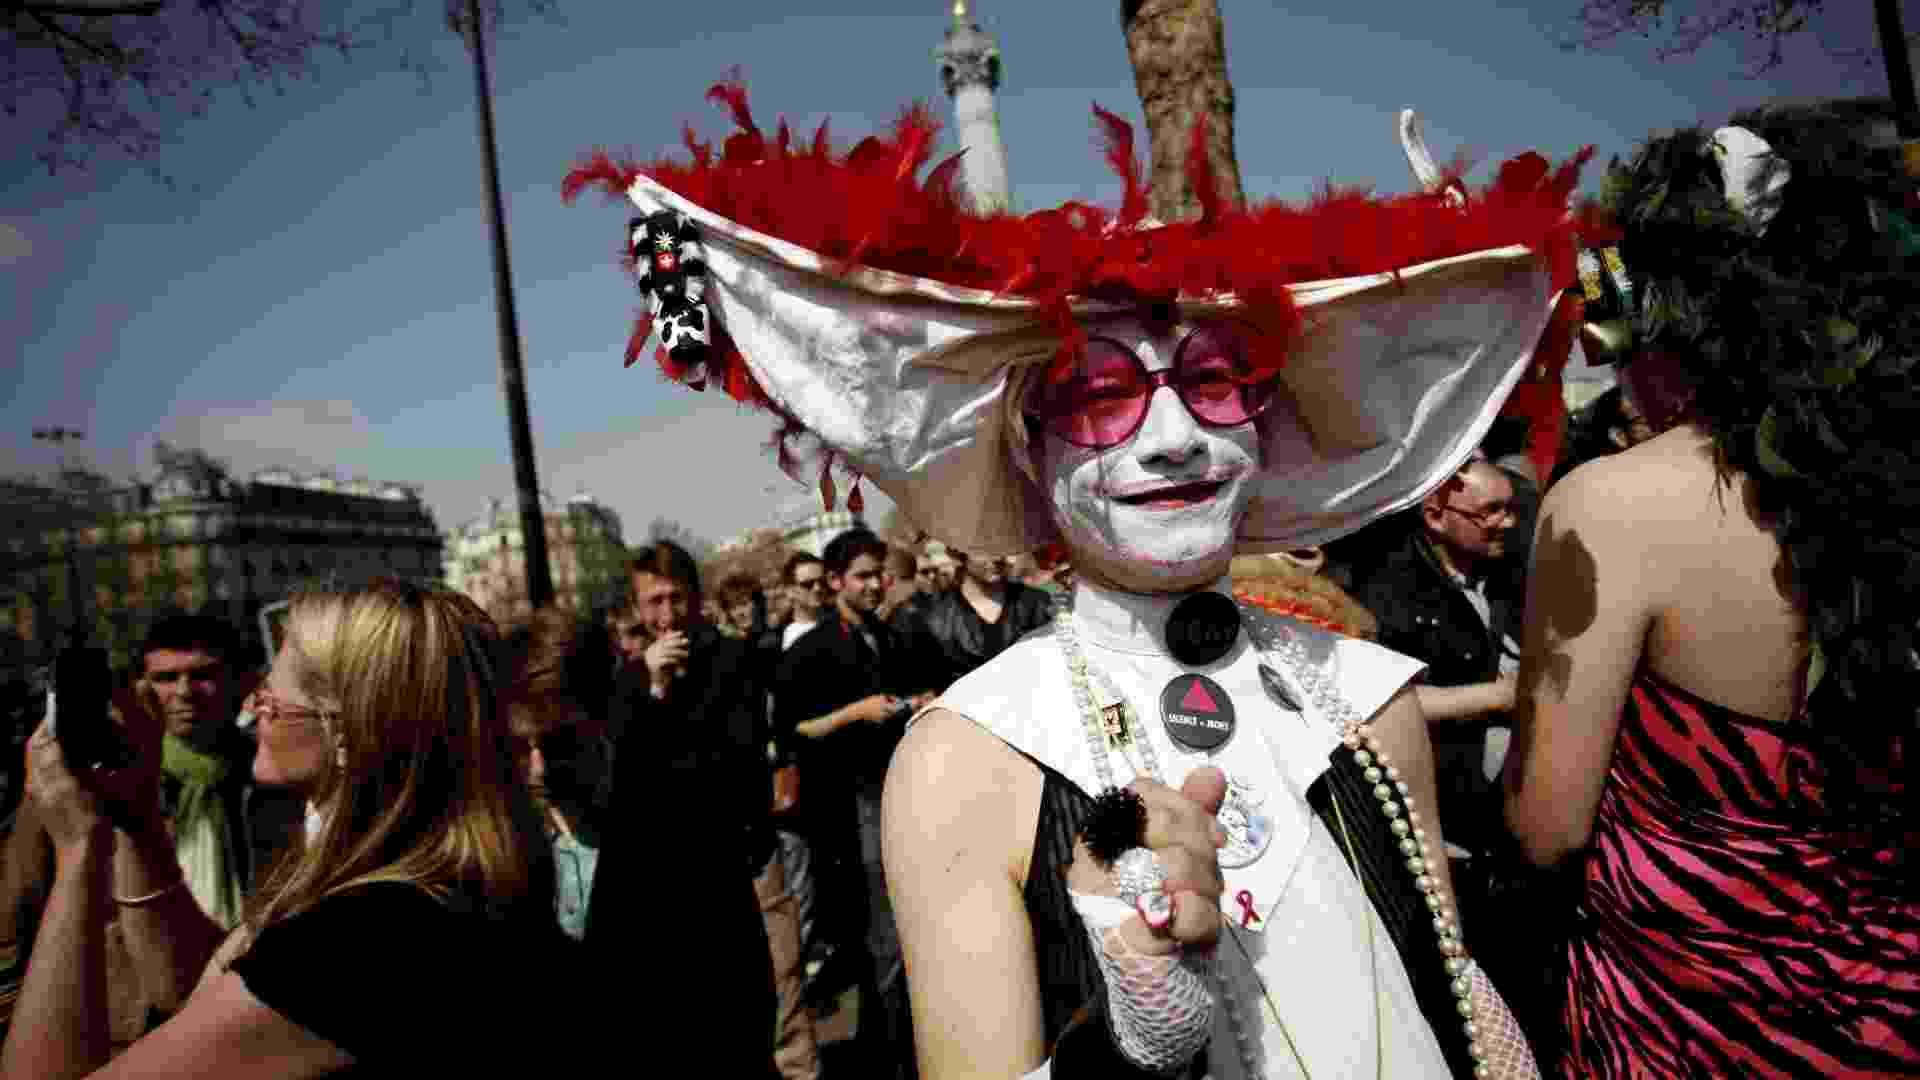 21.abr.2013 - Manifestante participa de protesto em Paris contra a homofobia. Manifestaçãop ocorre dois dias antes do parlamento francês votar uma lei que pode tornar a França no 14º país do mundo a legalizar a união entre pessoas do mesmo sexo - Guillaume Baptiste/ AFP